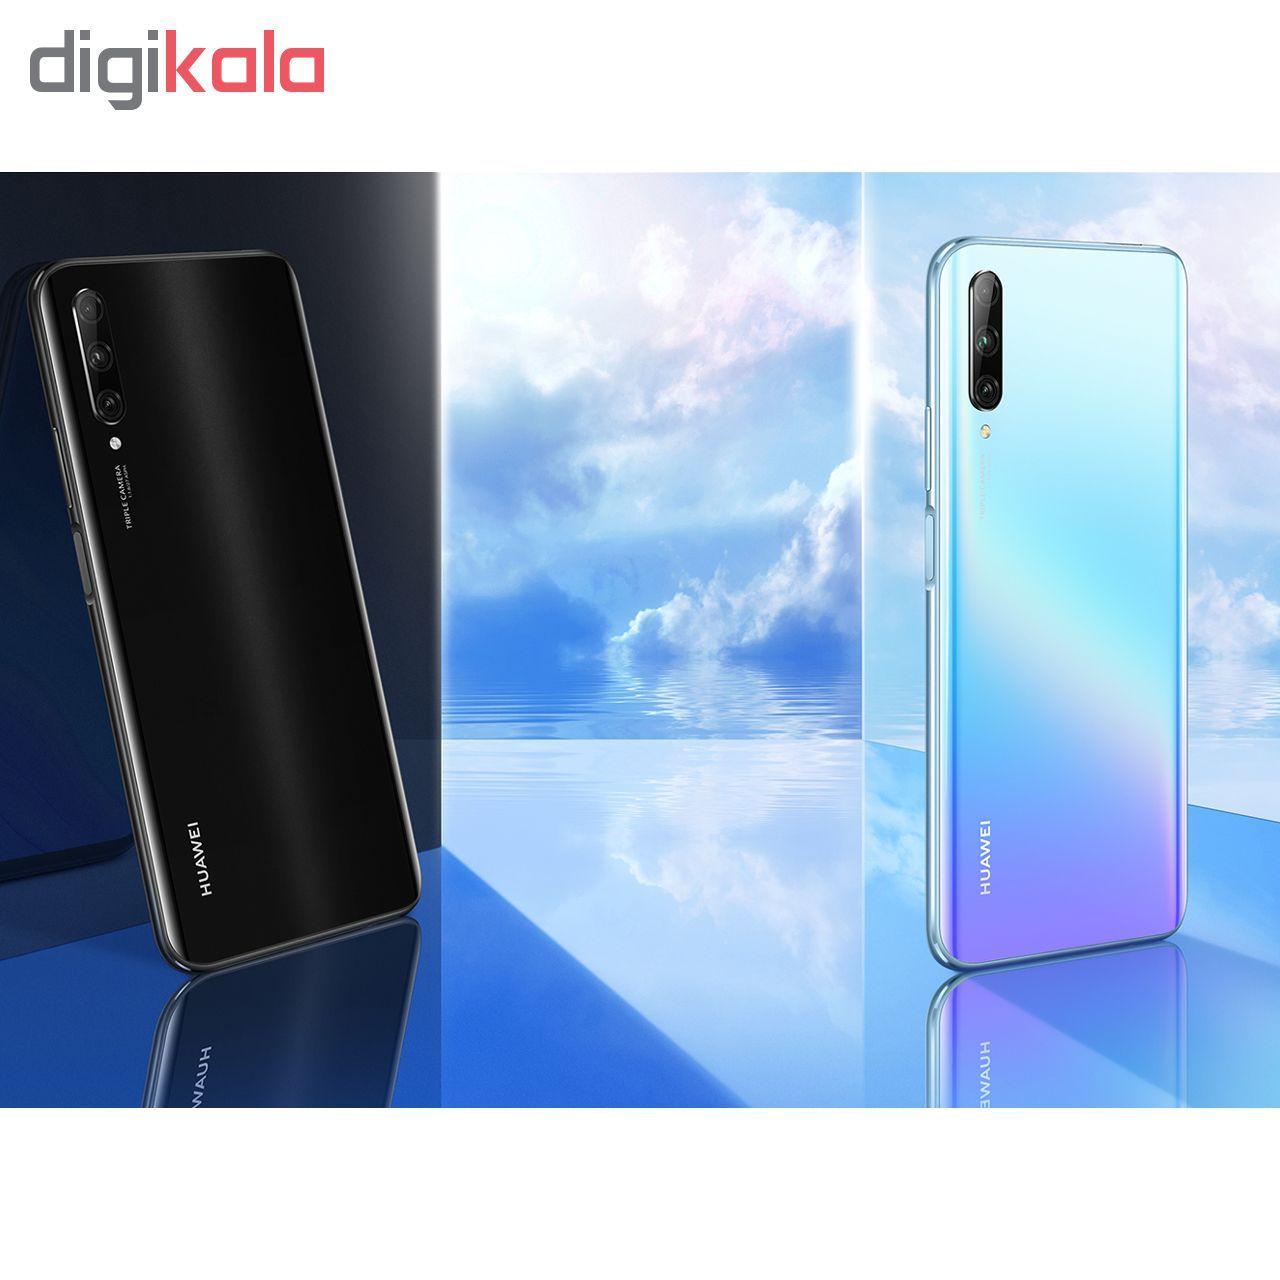 گوشی موبایل هوآوی مدل Y9s STK-L21 دو سیم کارت ظرفیت 128 گیگابایت main 1 15